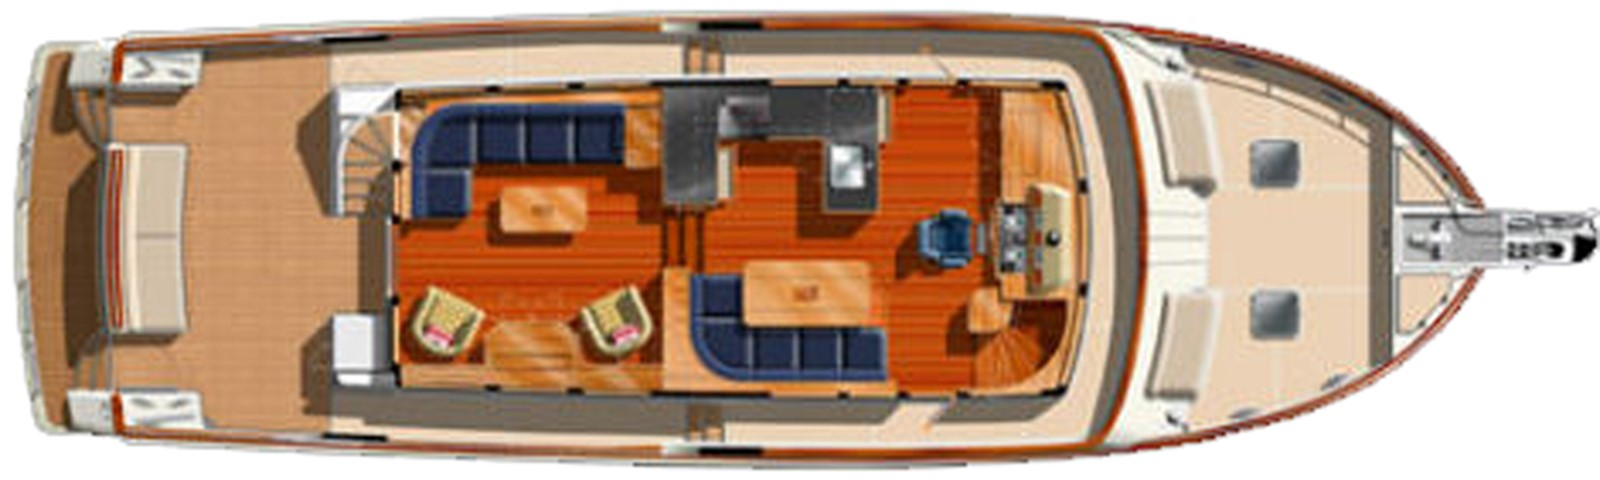 2007 GRAND BANKS Grand Banks 59 Aleutian RP Motor Yacht 2589183